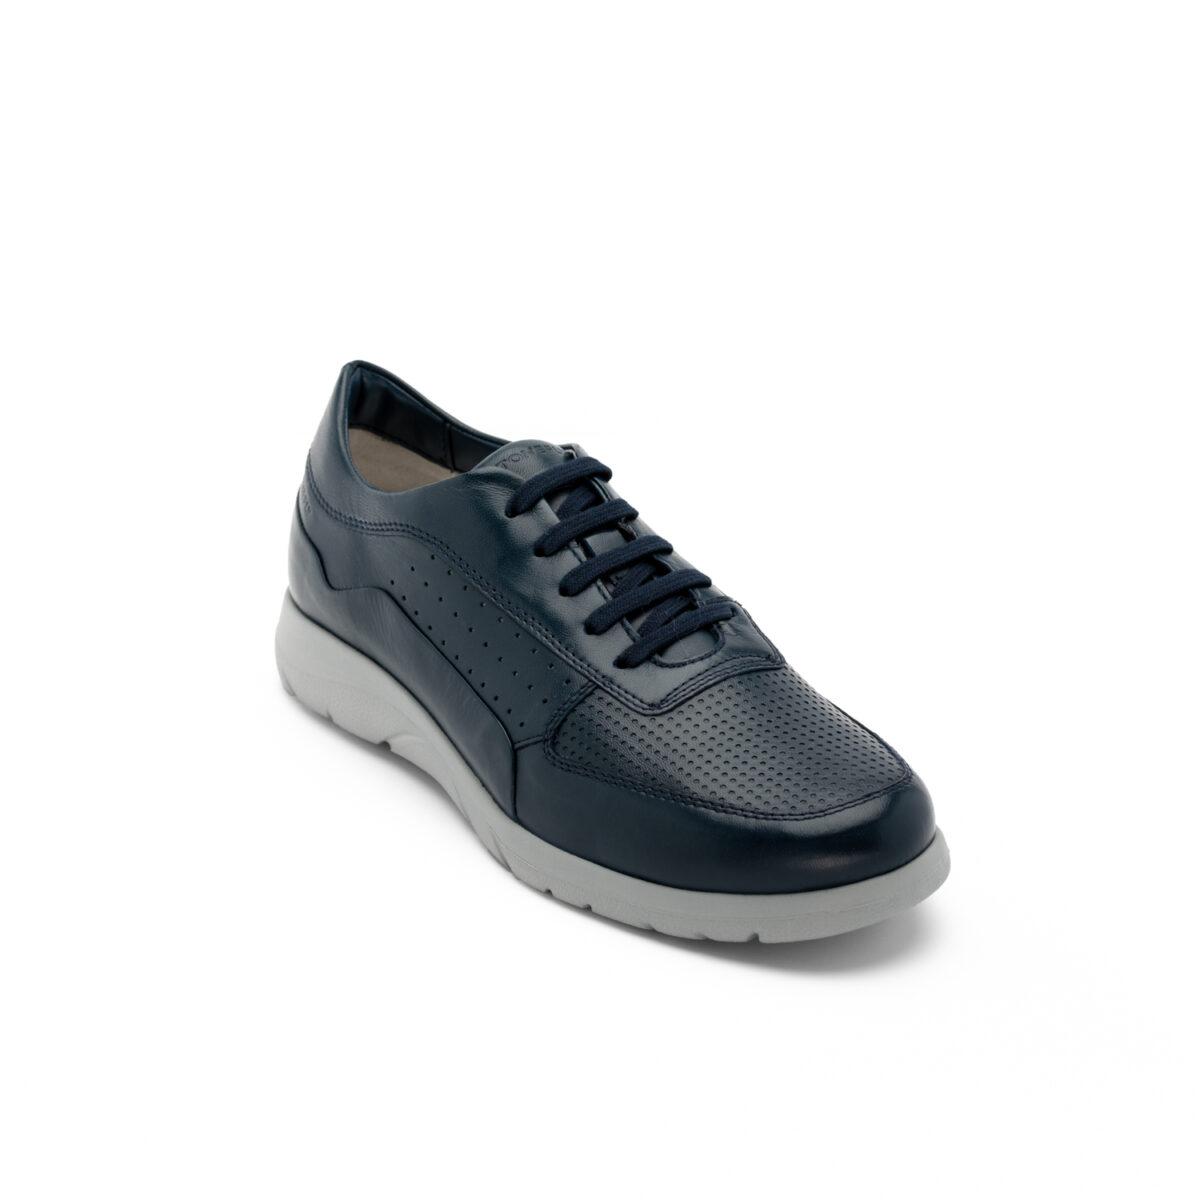 stonefly blue 216219 100 01